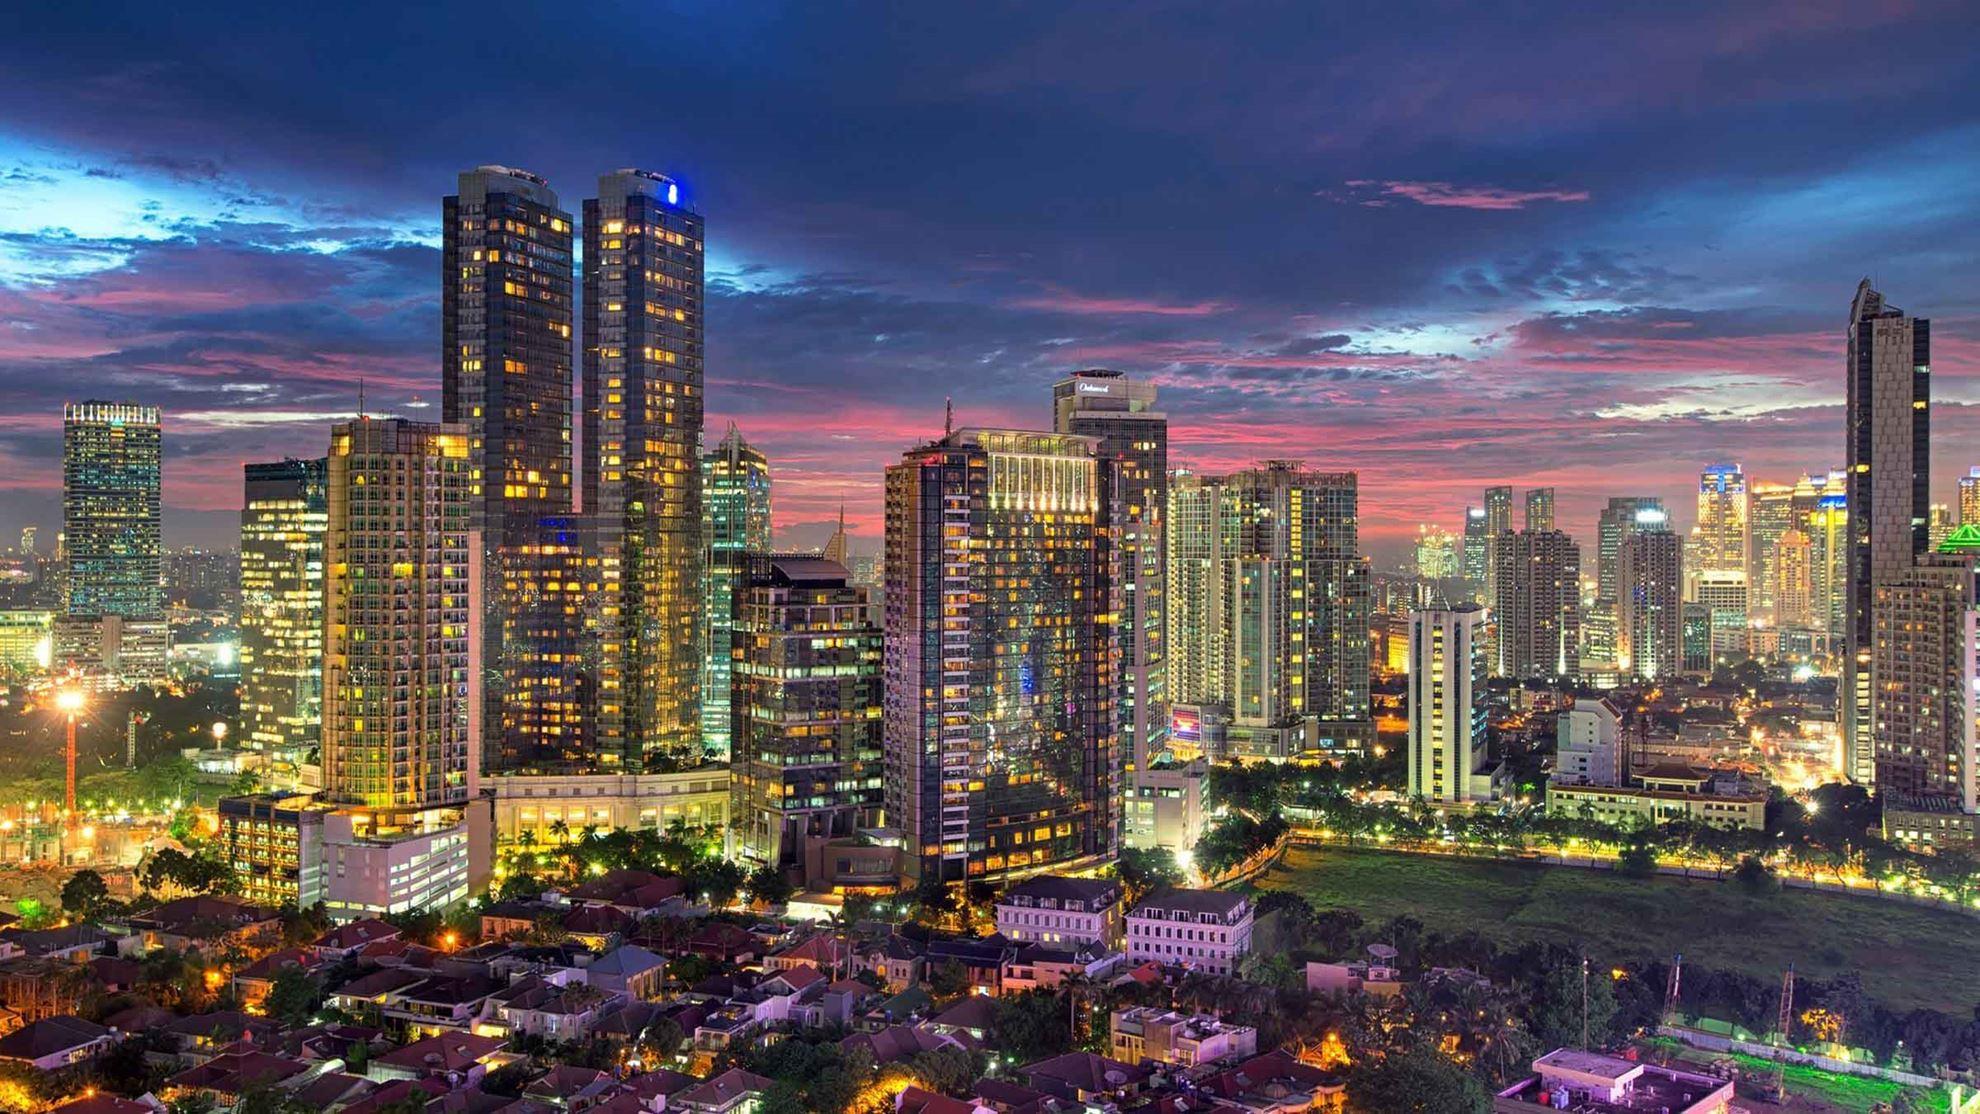 Hình đại điện của danh mục Jakarta